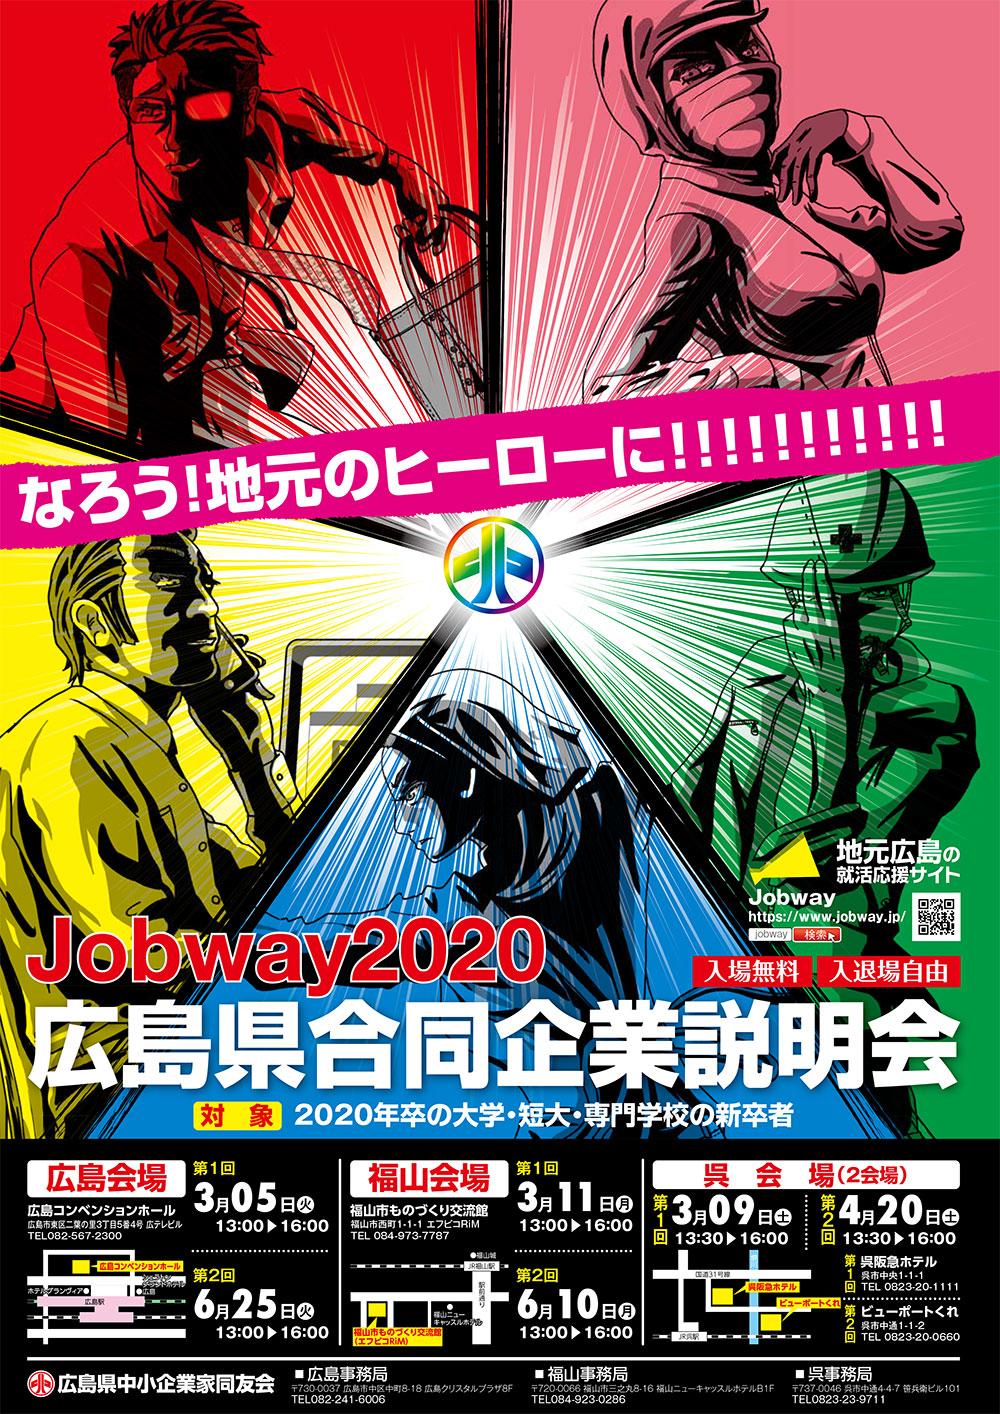 Jobway2020 広島県合同企業説明会のお知らせ